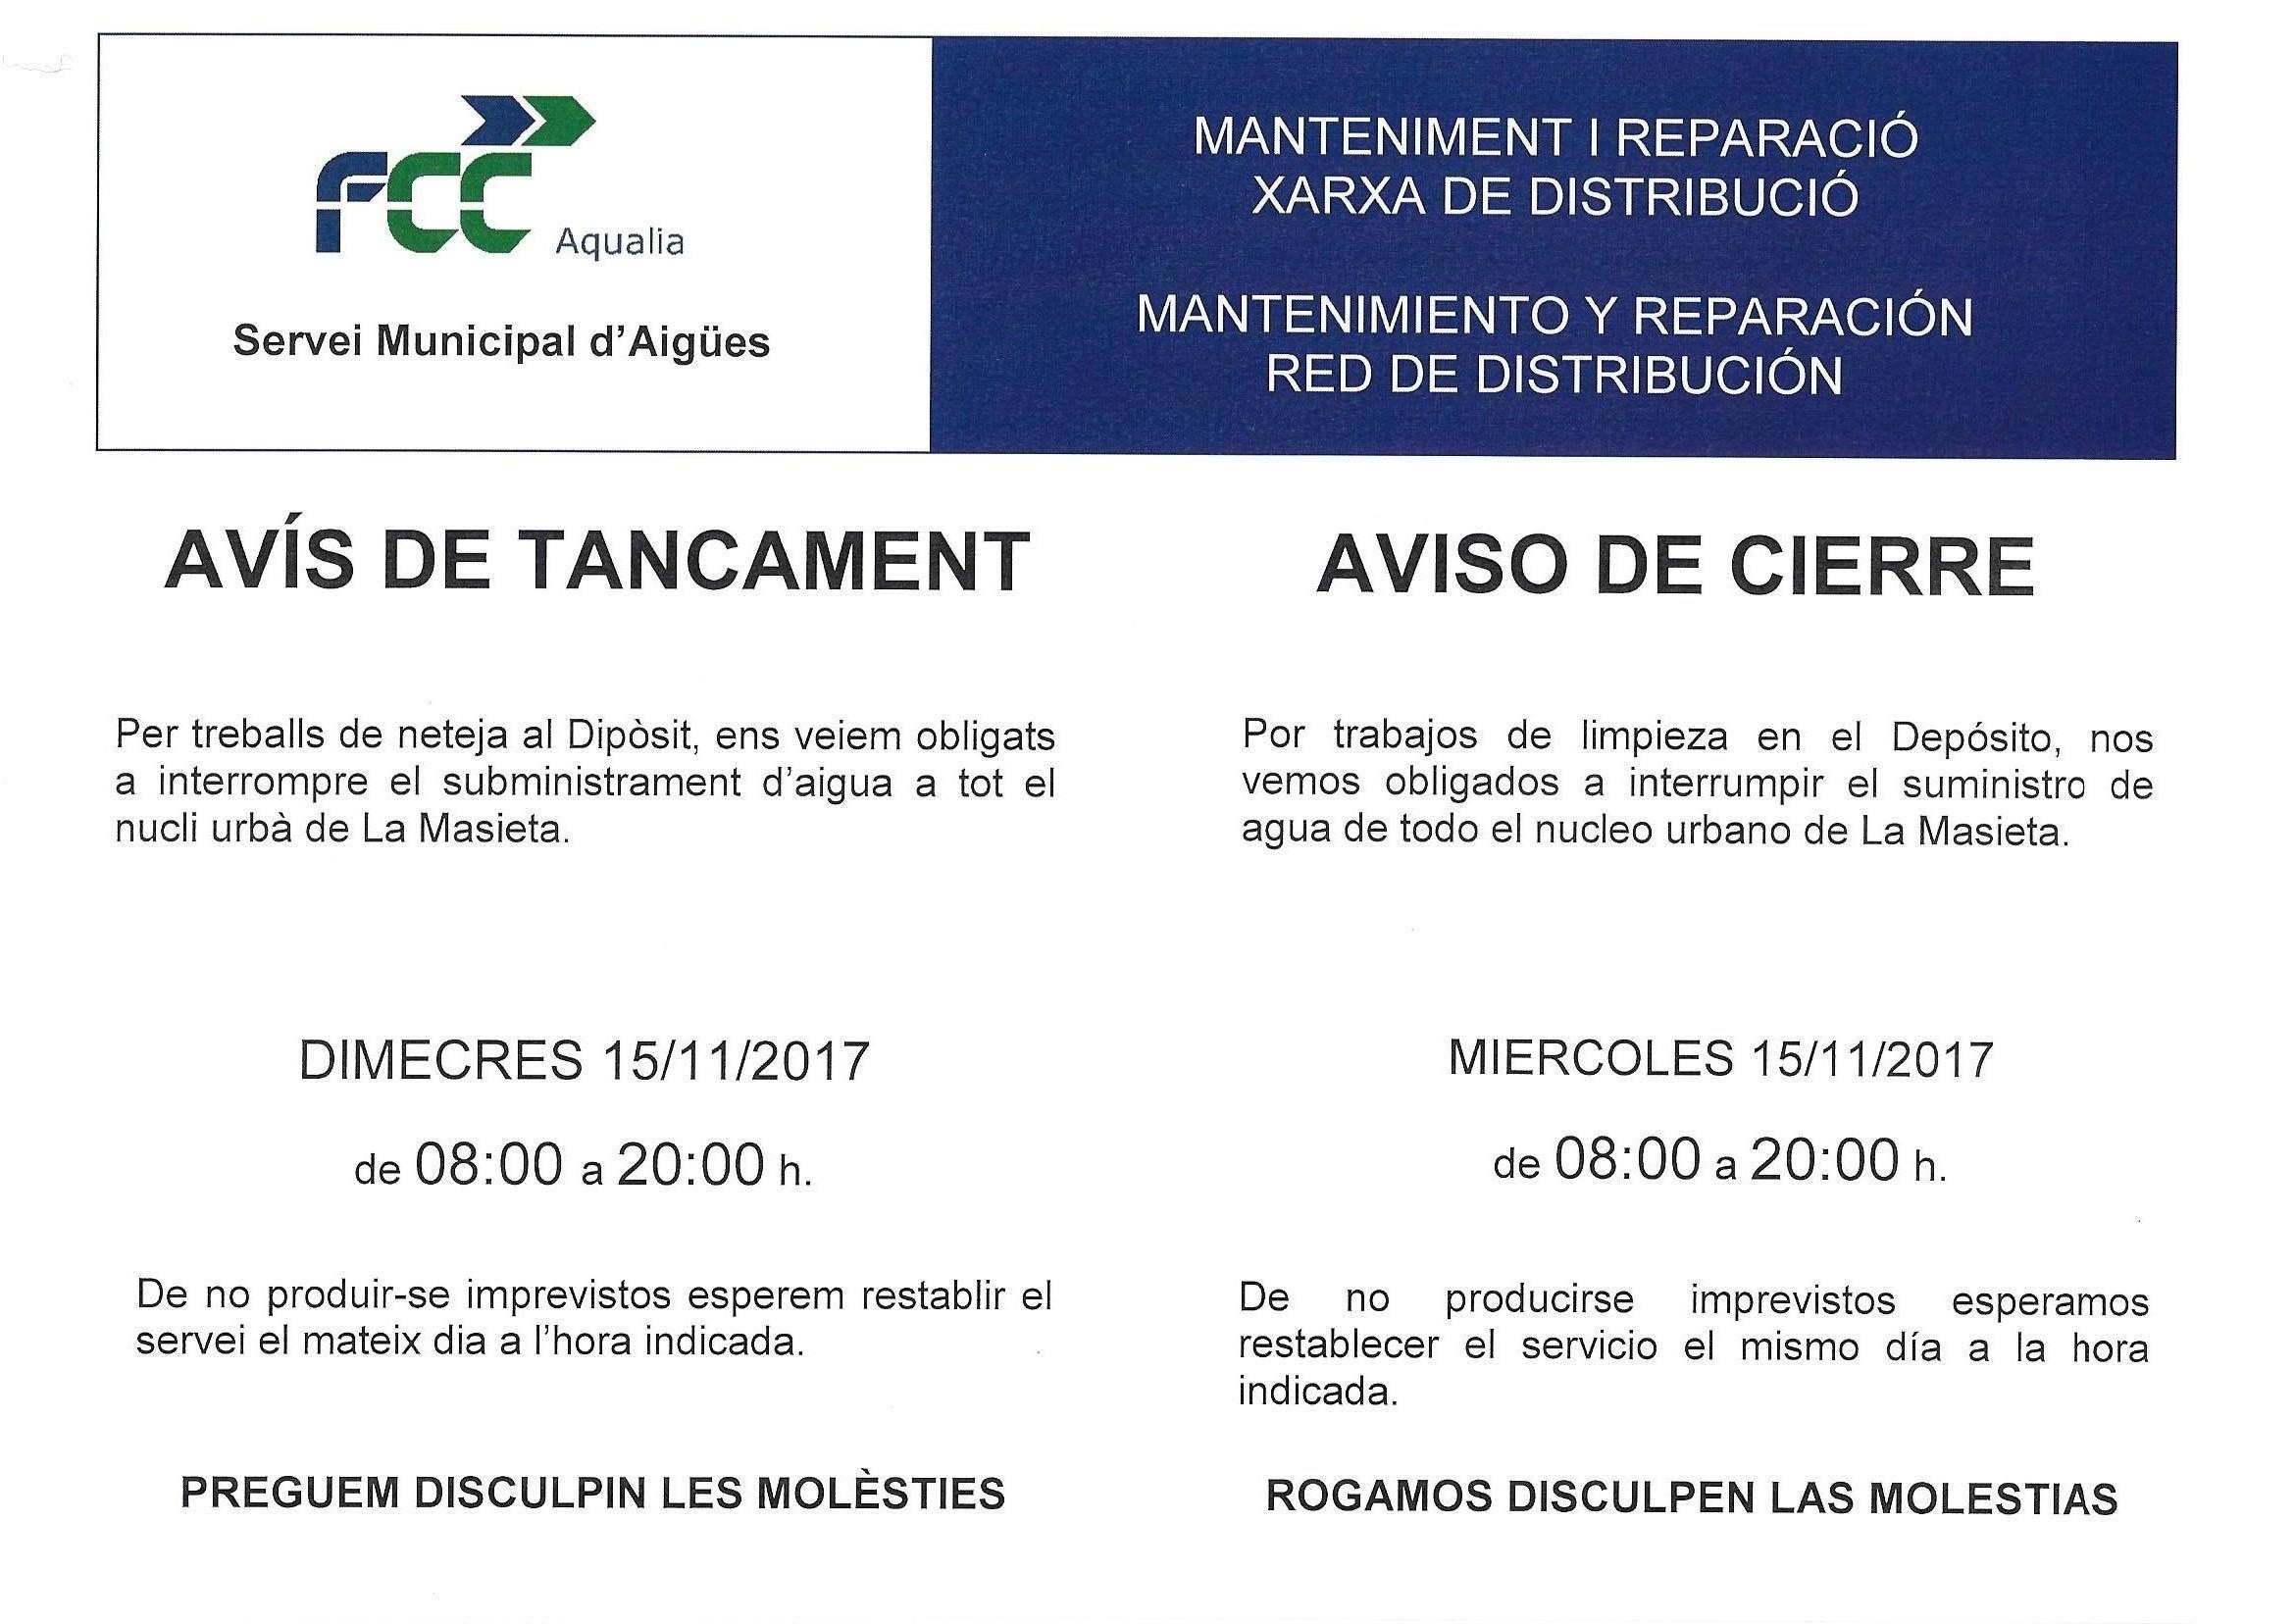 Aquest dimecres s'interromprà el subministrament d'aigua a La Masieta per tasques de manteniment